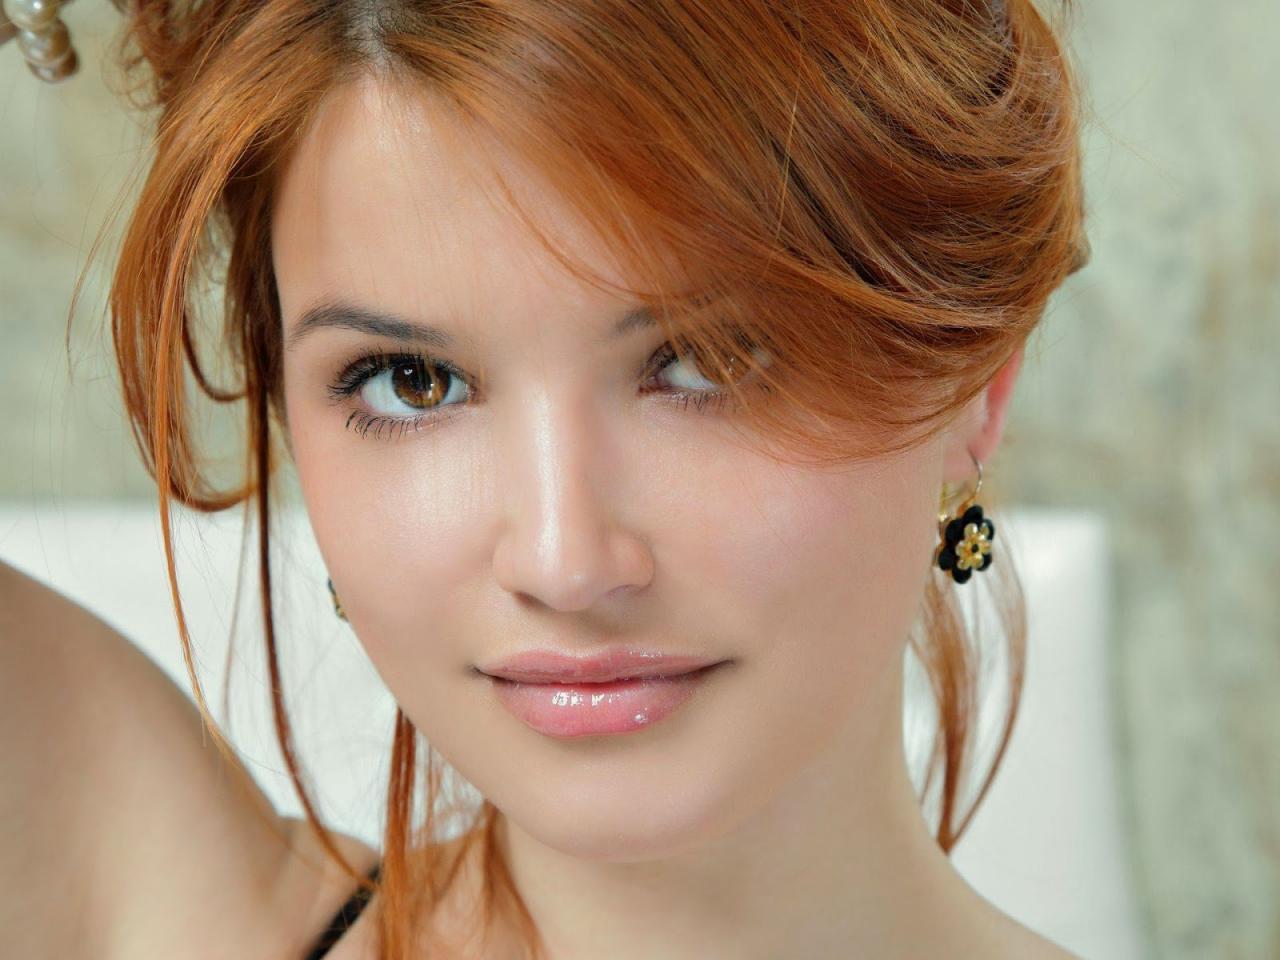 صورة اجمل بنات في العالم , صور لاجمل الفتيات في العالم 11863 6